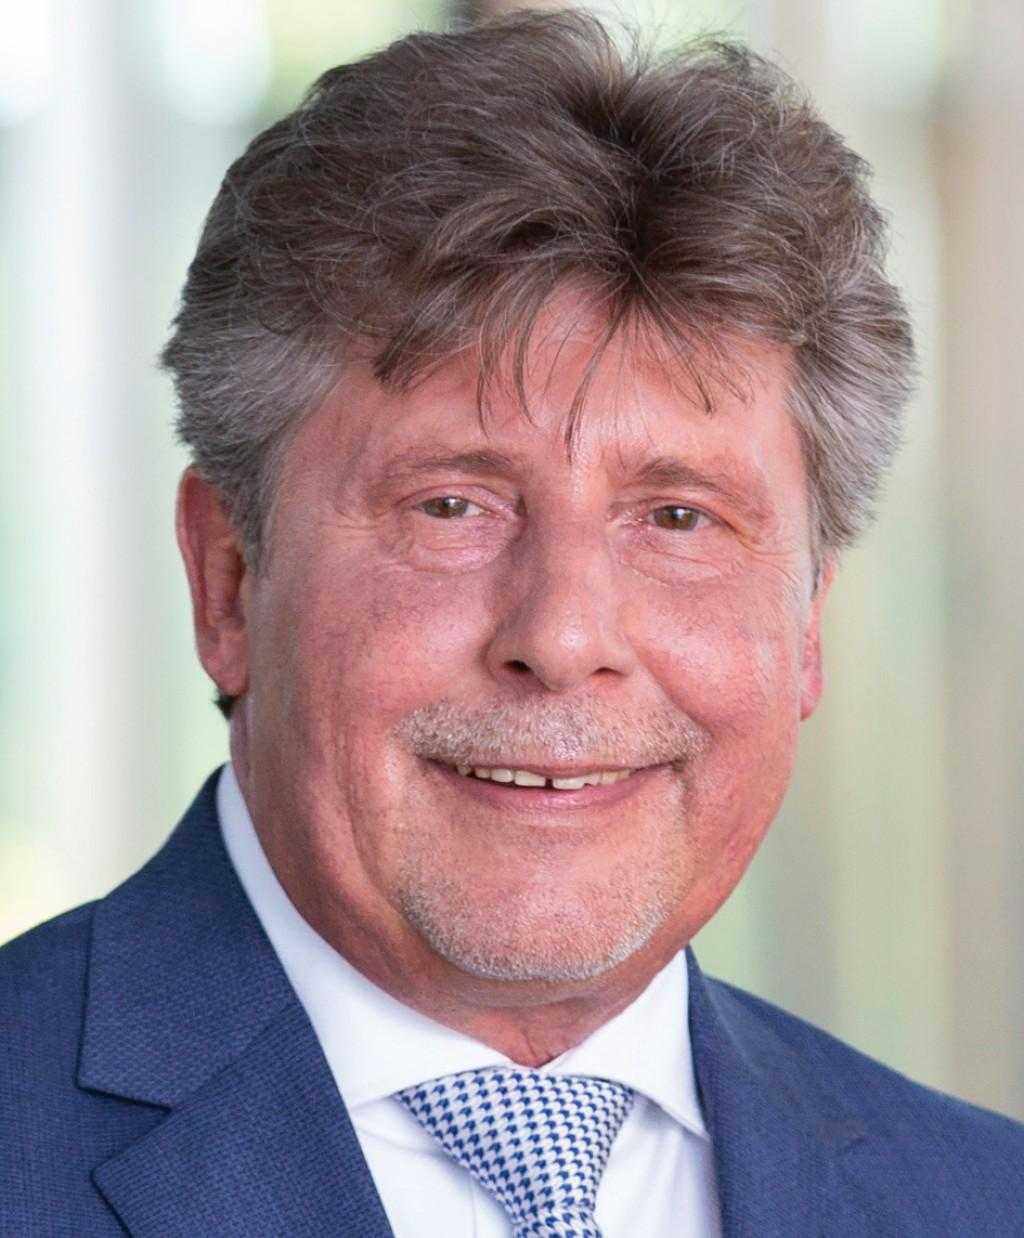 Lobbe-Geschäftsführer Micheal Wieczorek. Bild: Lobbe (7), Vogt (2)